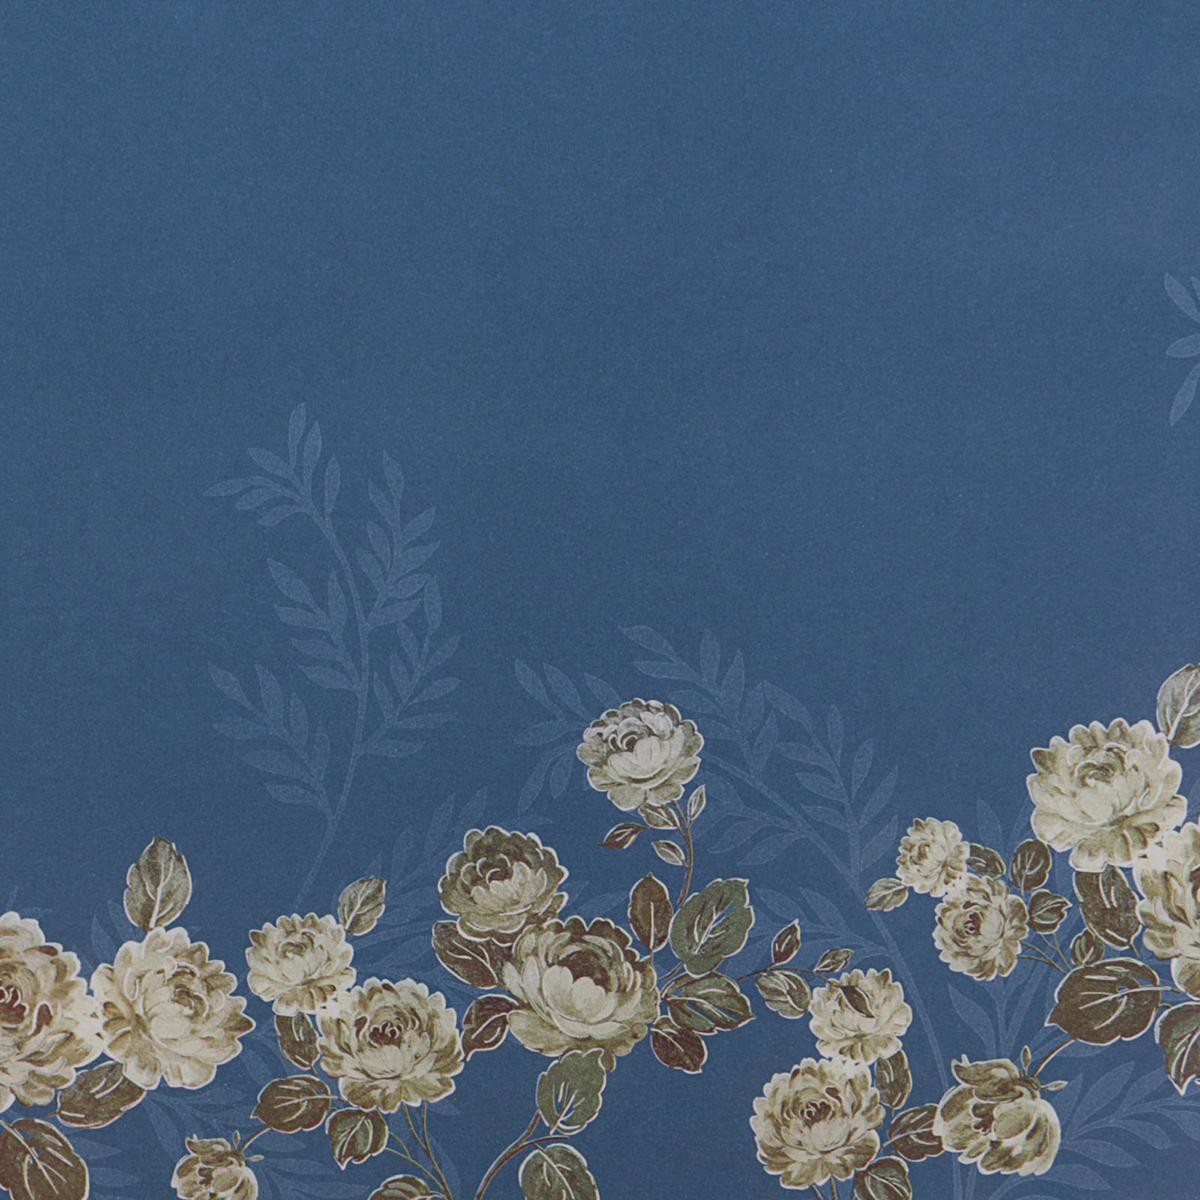 Бумага упаковочная Цветы, цвет: синий, 60 х 60 см. 24900282490028Любой подарок начинается с упаковки. Что может быть трогательнее и волшебнее, чем ритуал разворачивания полученного презента. И именно оригинальная, со вкусом выбранная упаковка выделит ваш подарок из массы других. Она продемонстрирует самые тёплые чувства к виновнику торжества и создаст сказочную атмосферу праздника. Бумага упаковочная Цветы — это то, что вы искали.